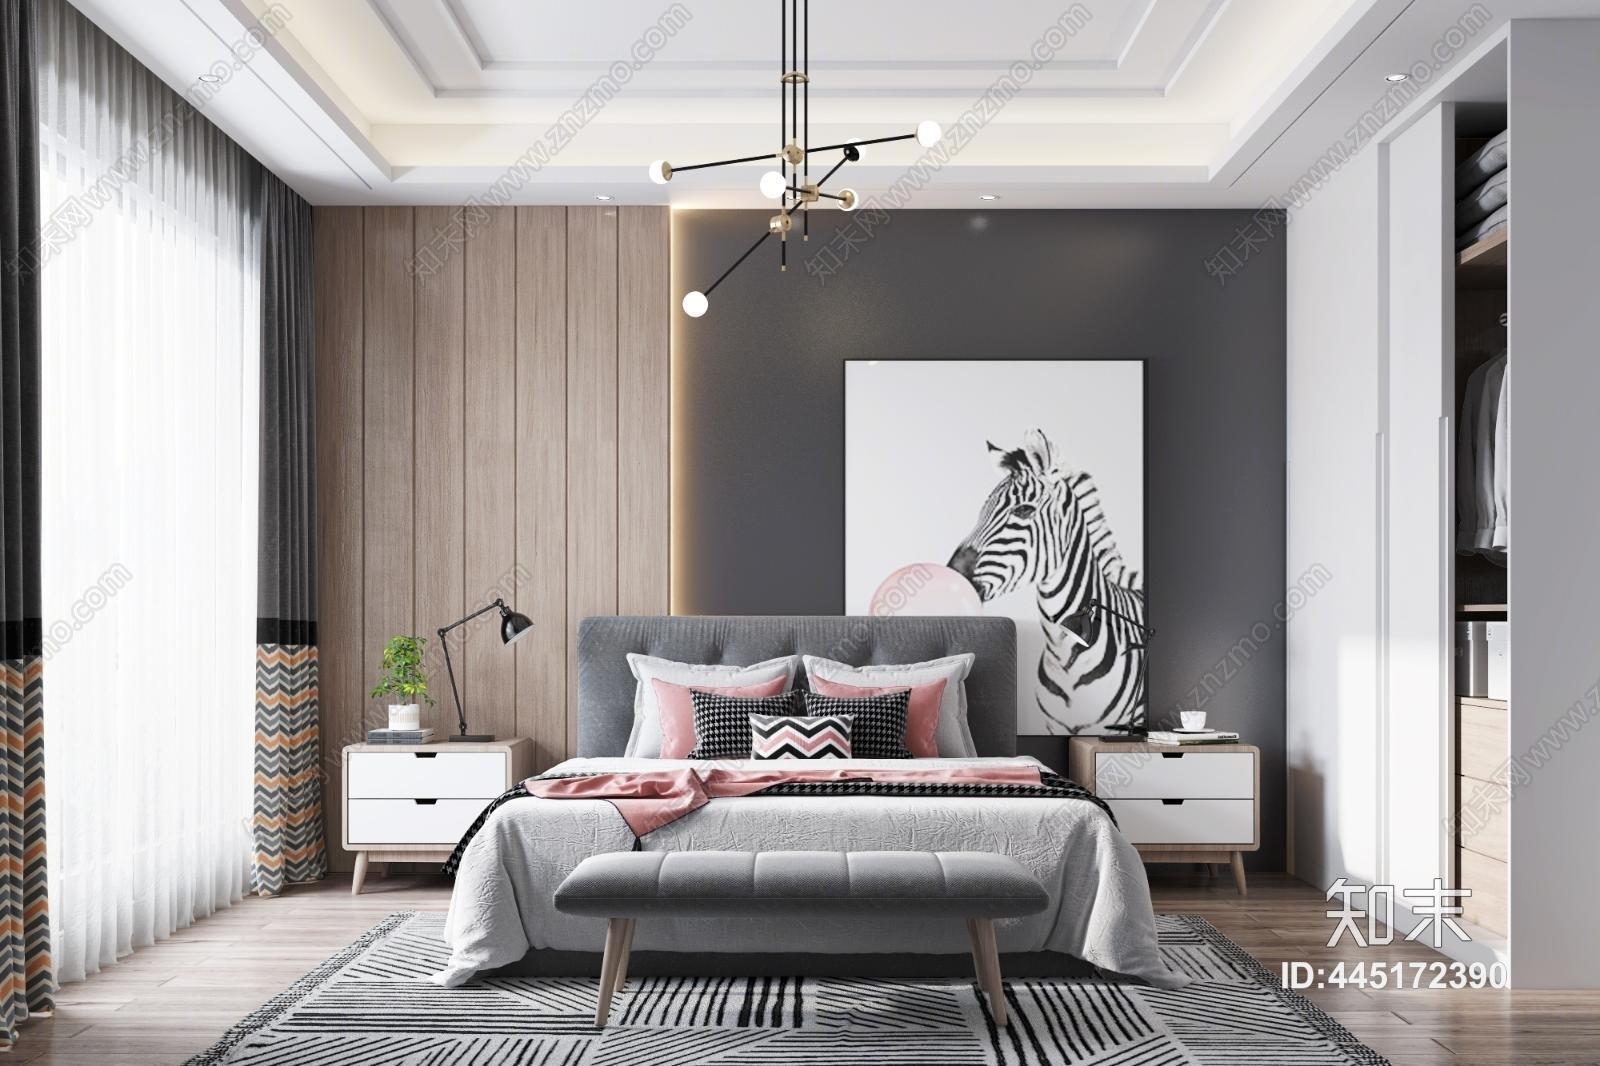 北欧卧室 双人床 床尾凳 衣柜 吊灯 窗帘 挂画